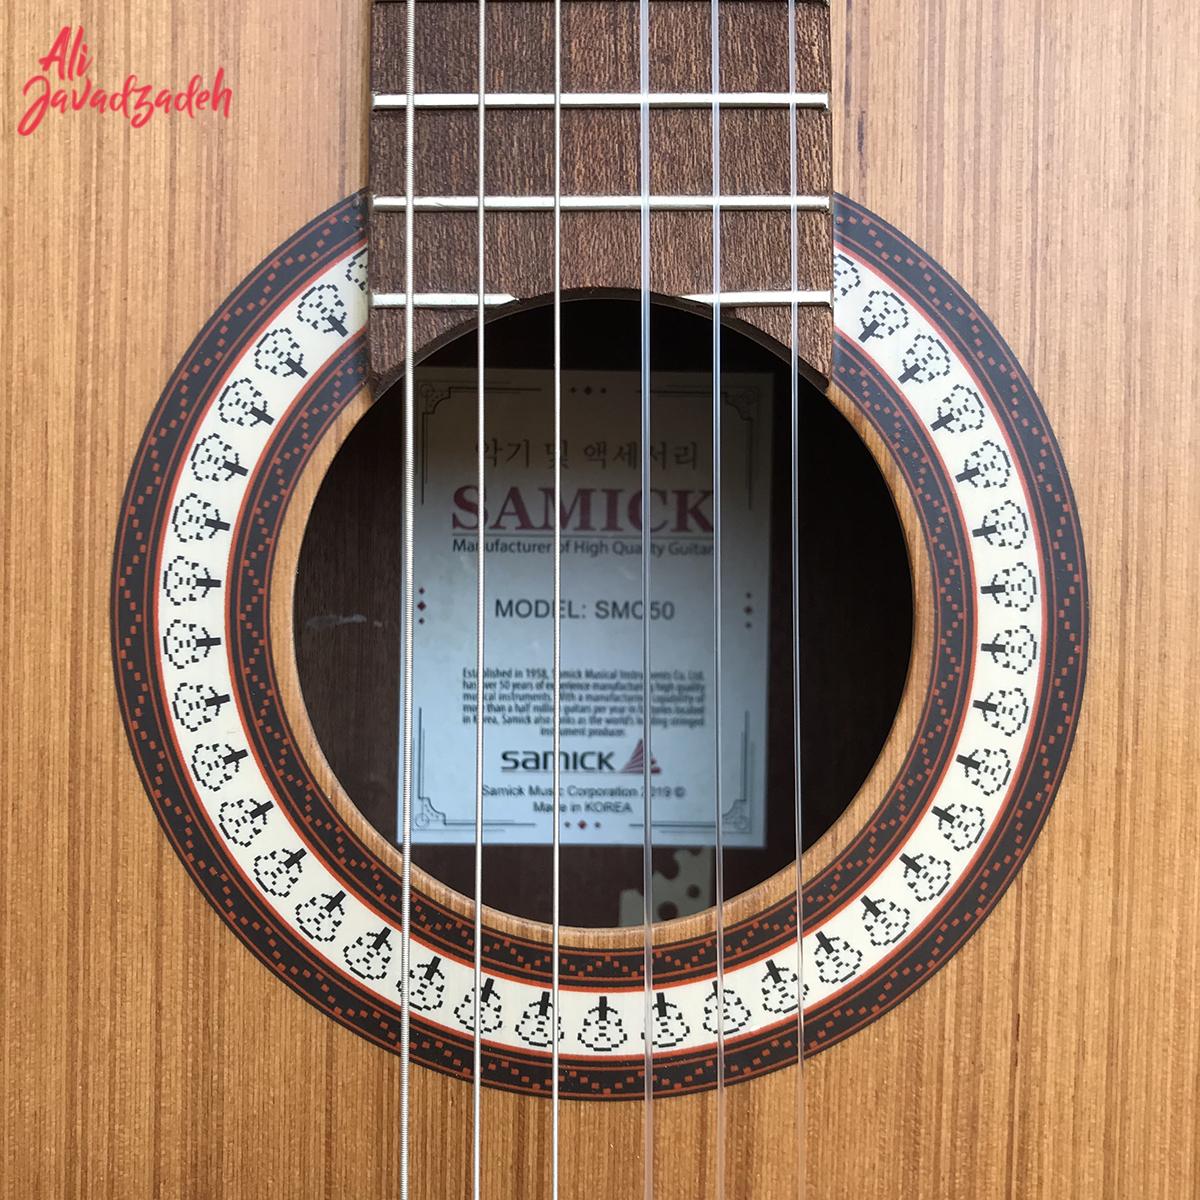 گیتار کلاسیک سامیک مدل SMC50